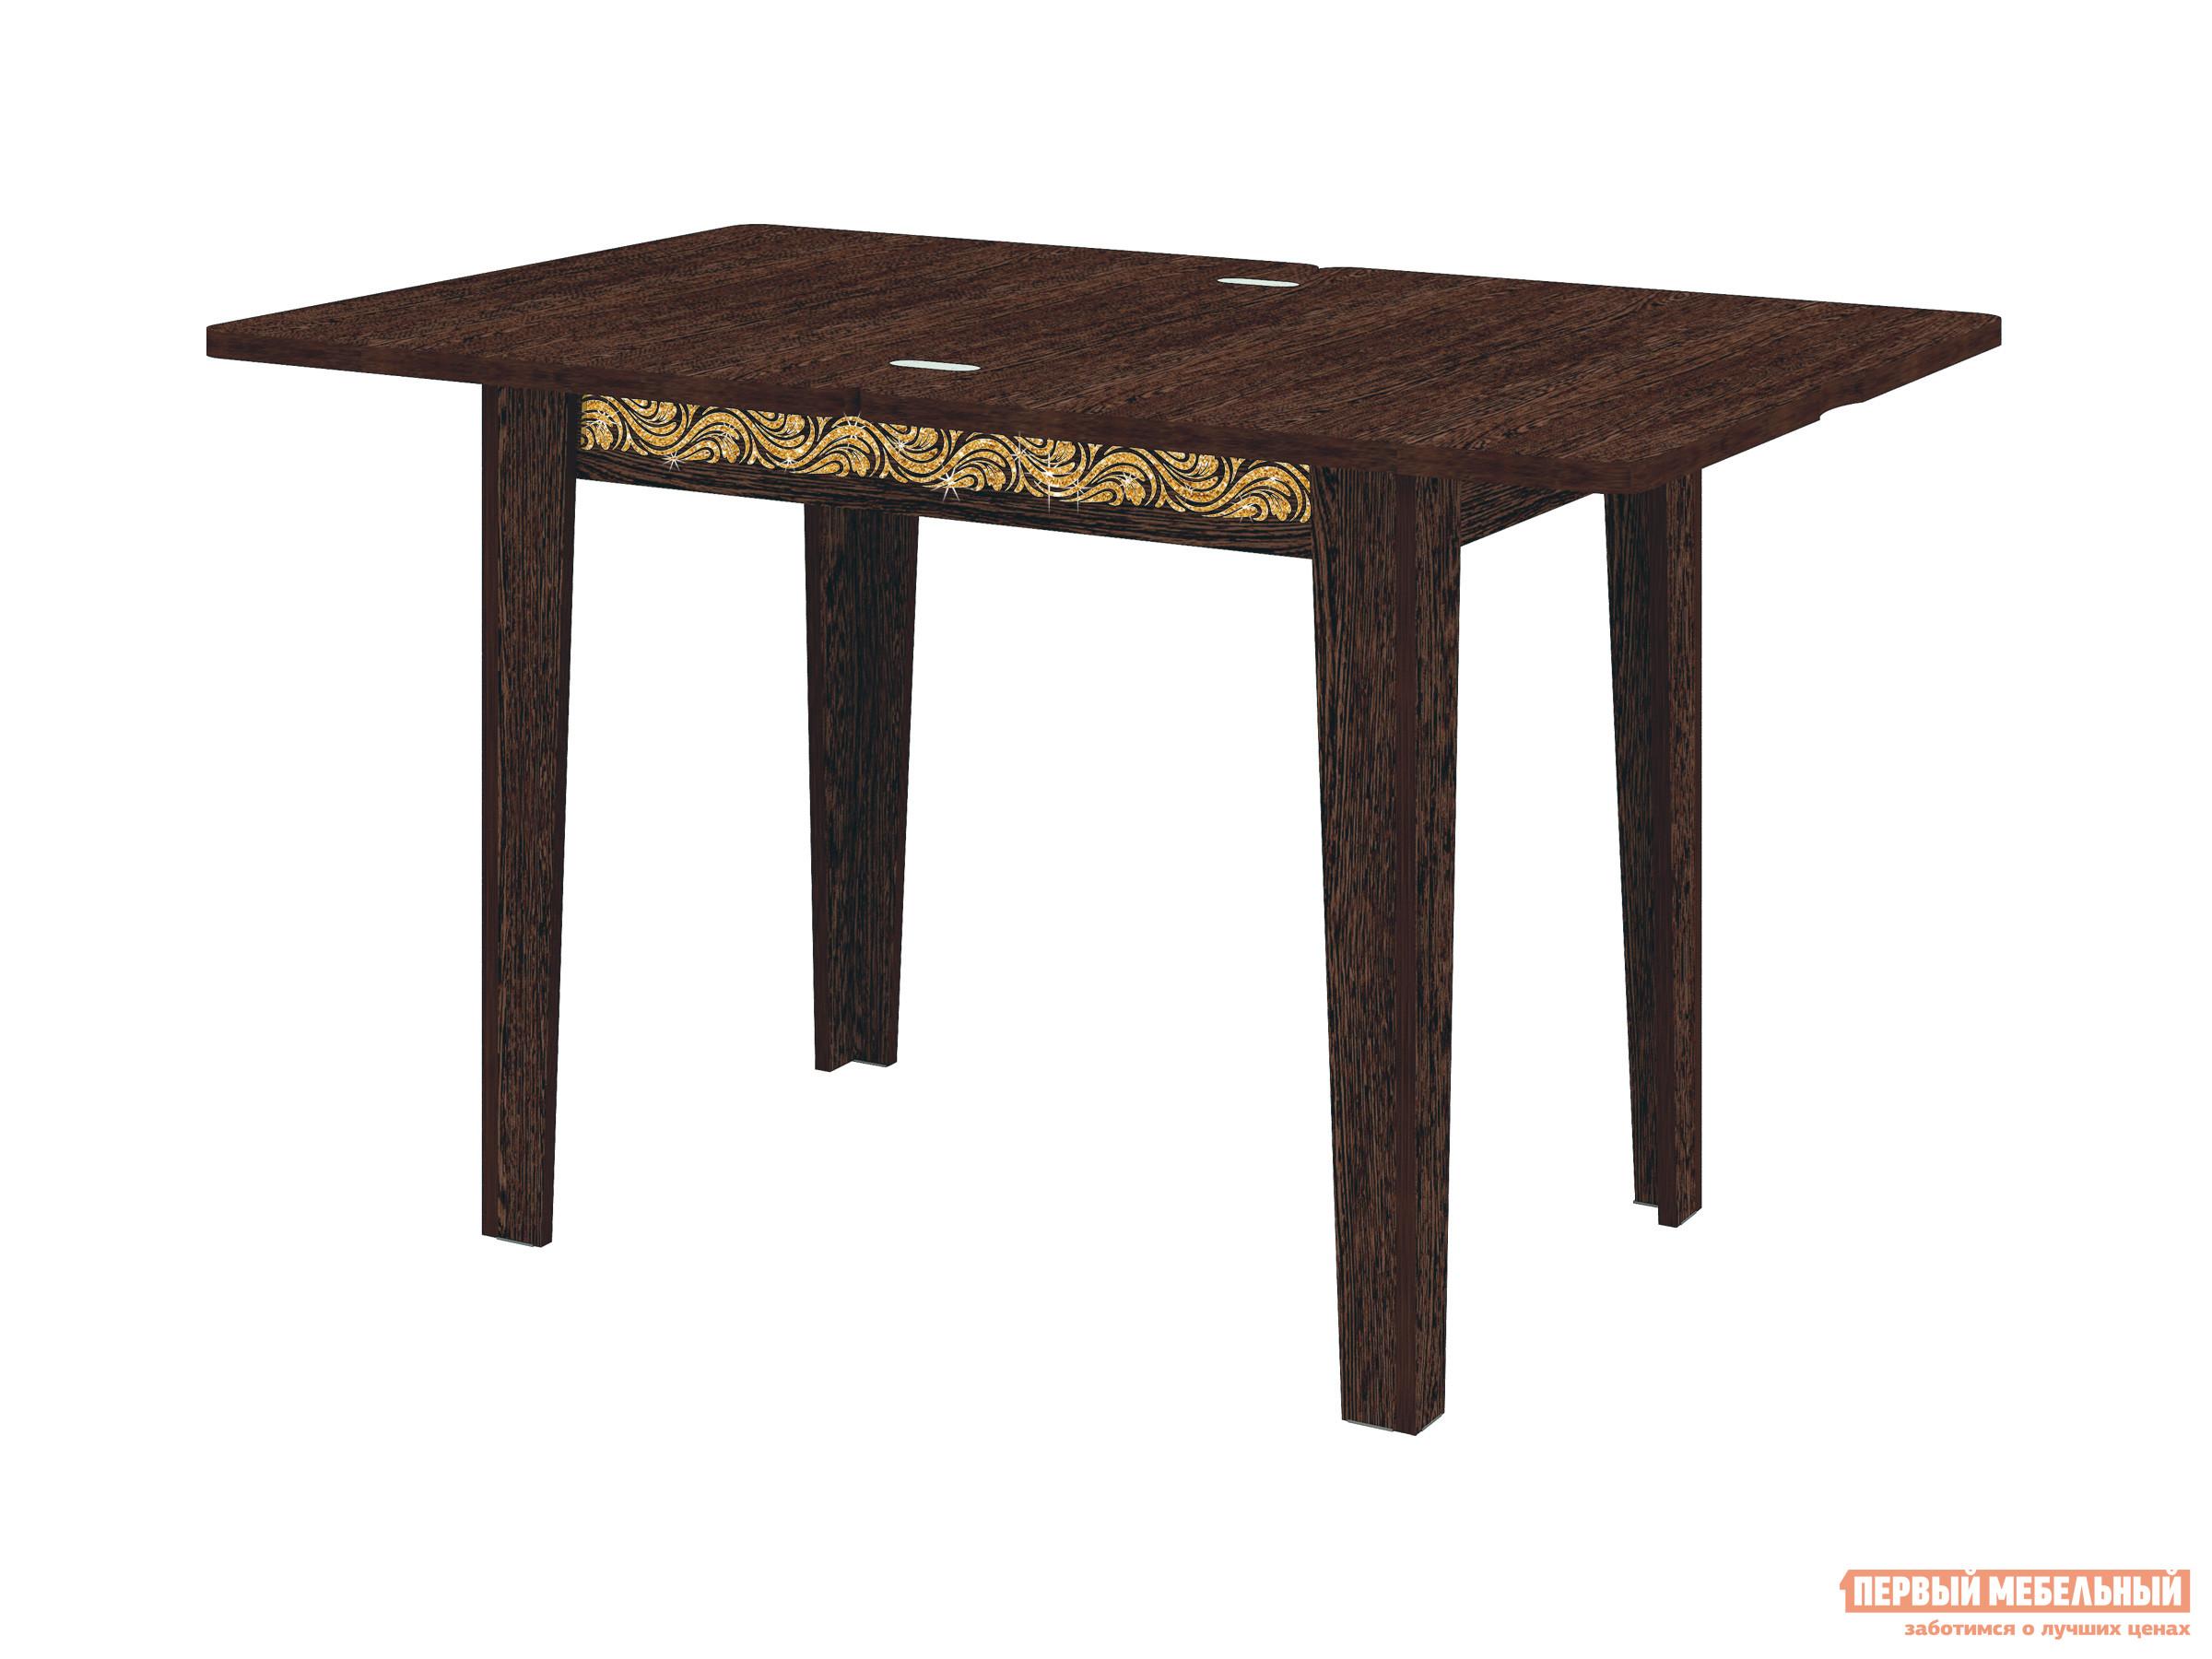 Кухонный стол Витра Орфей-26.10 Лайт витра кухонный стол витра орфей 1 2 венге